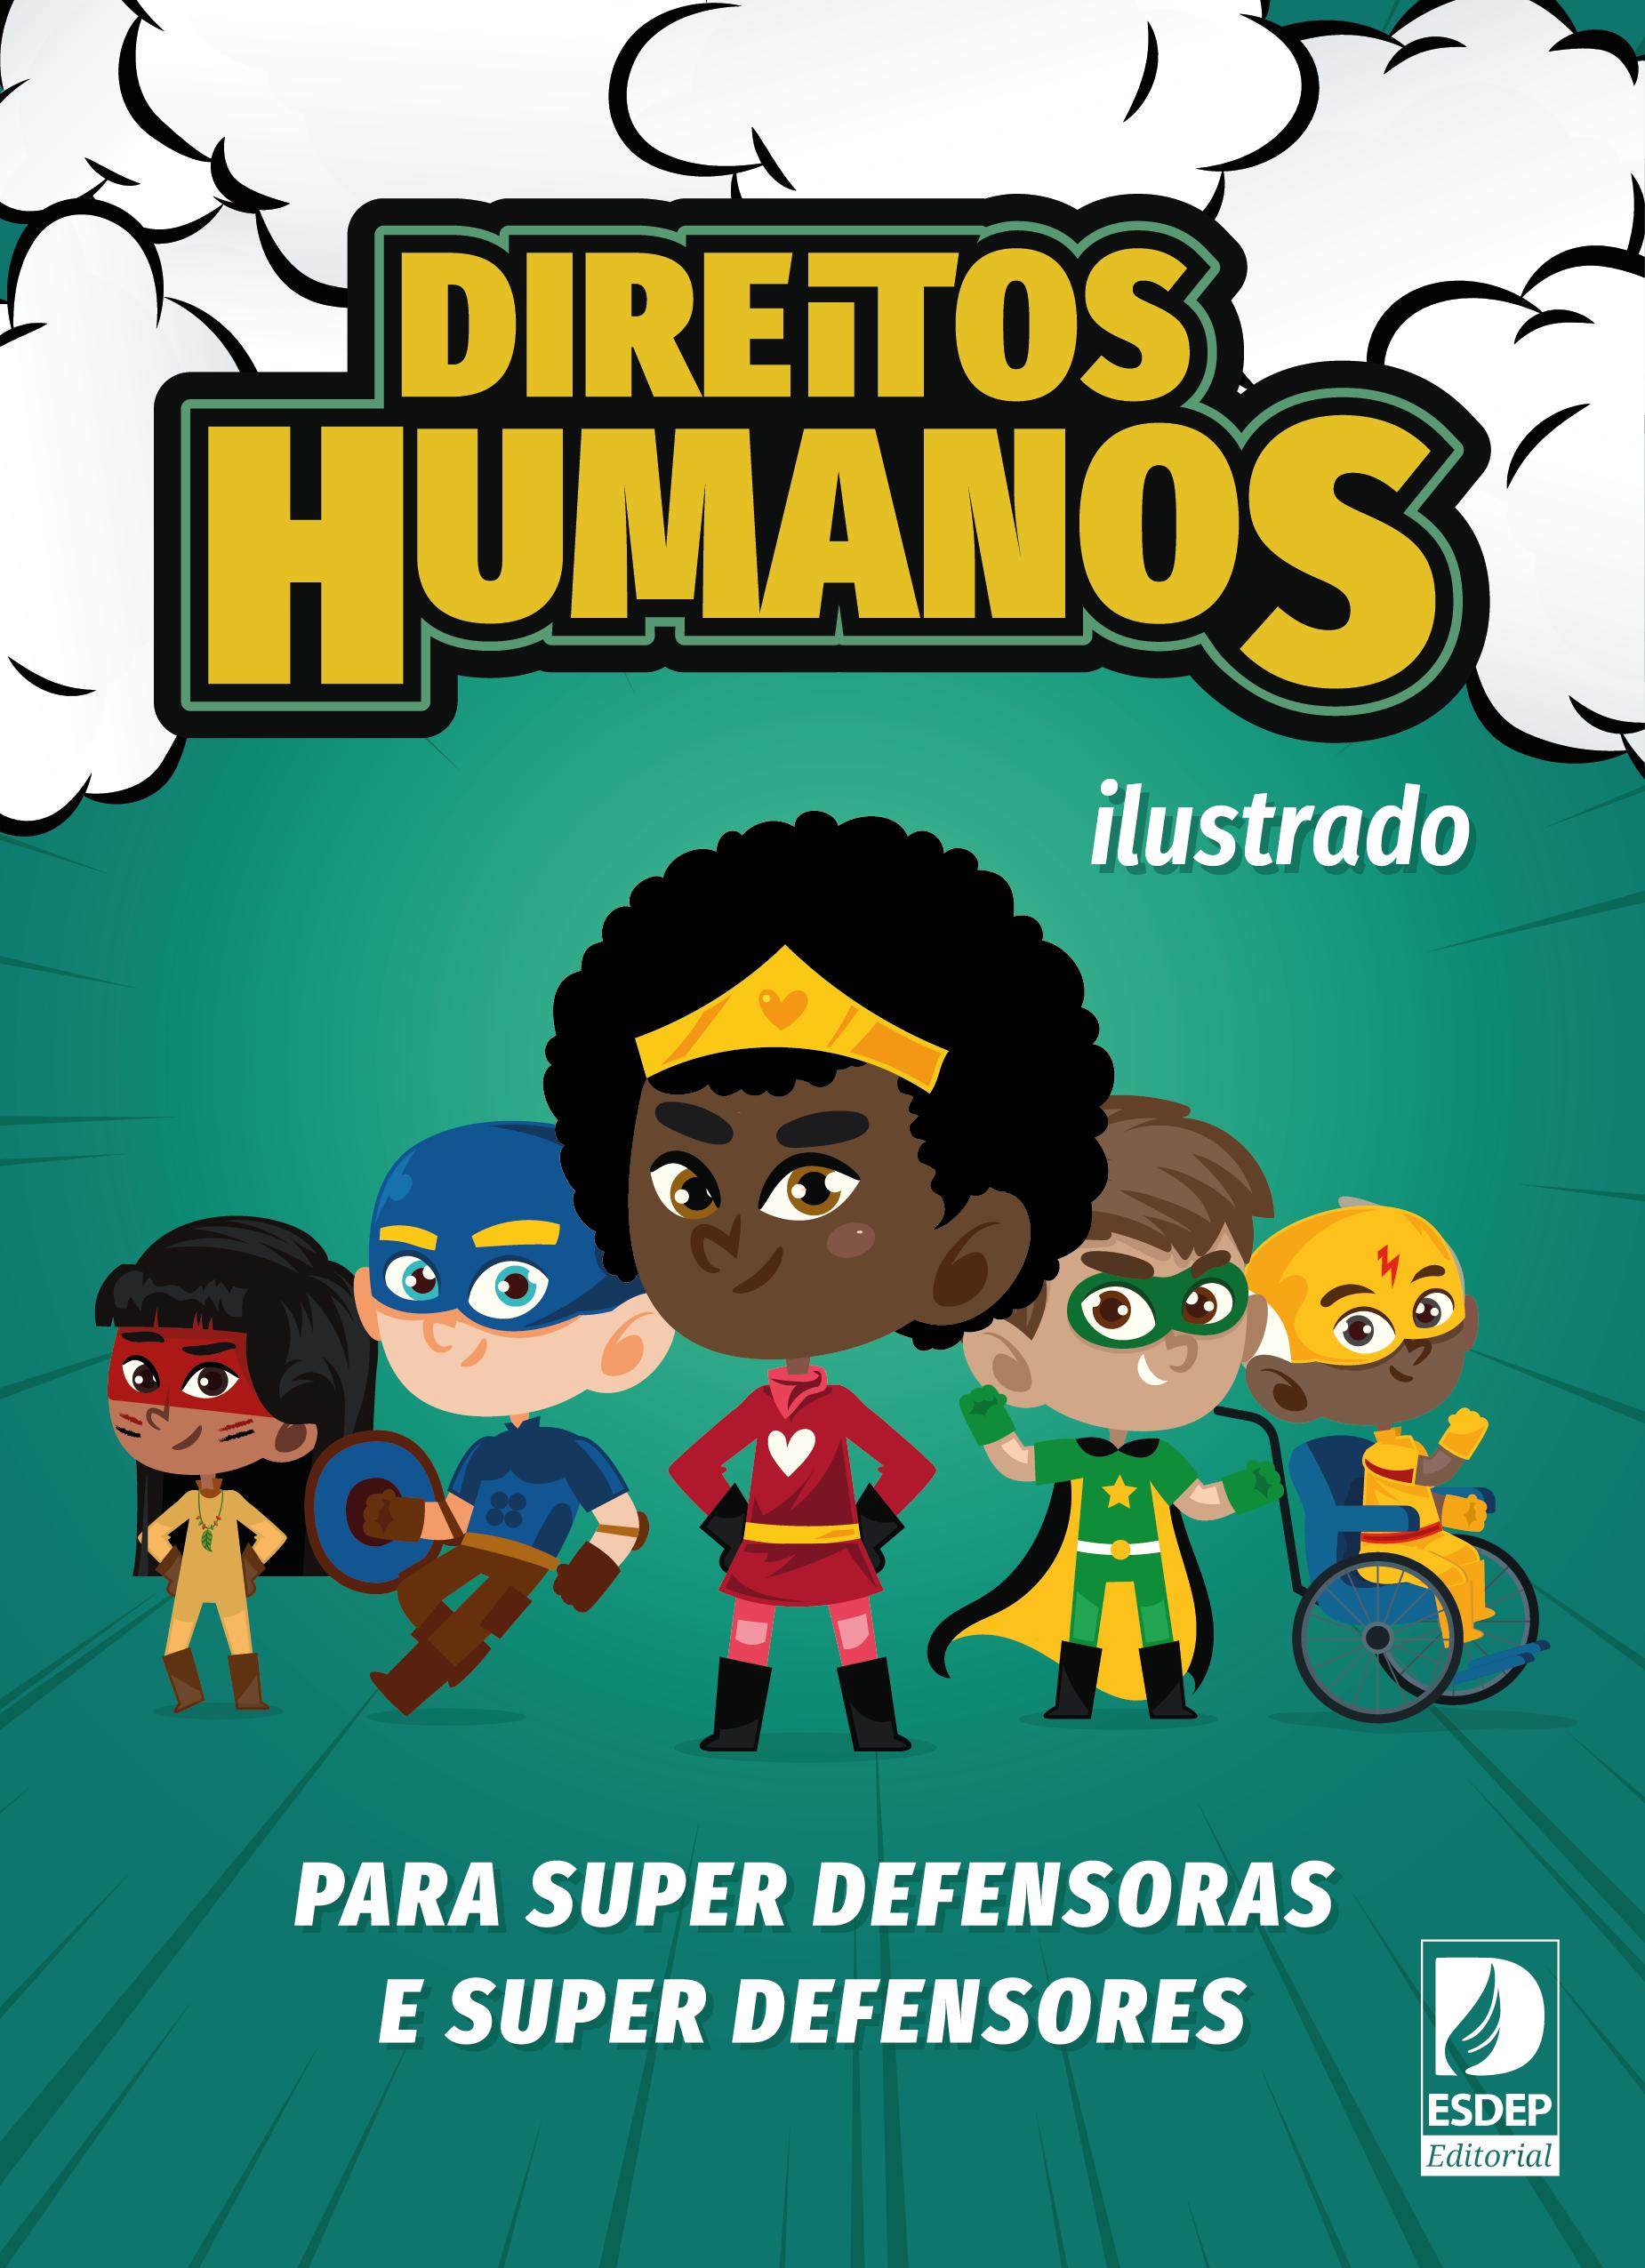 Cartilha – Direitos Humanos ilustrado para super defensores e super defensoras